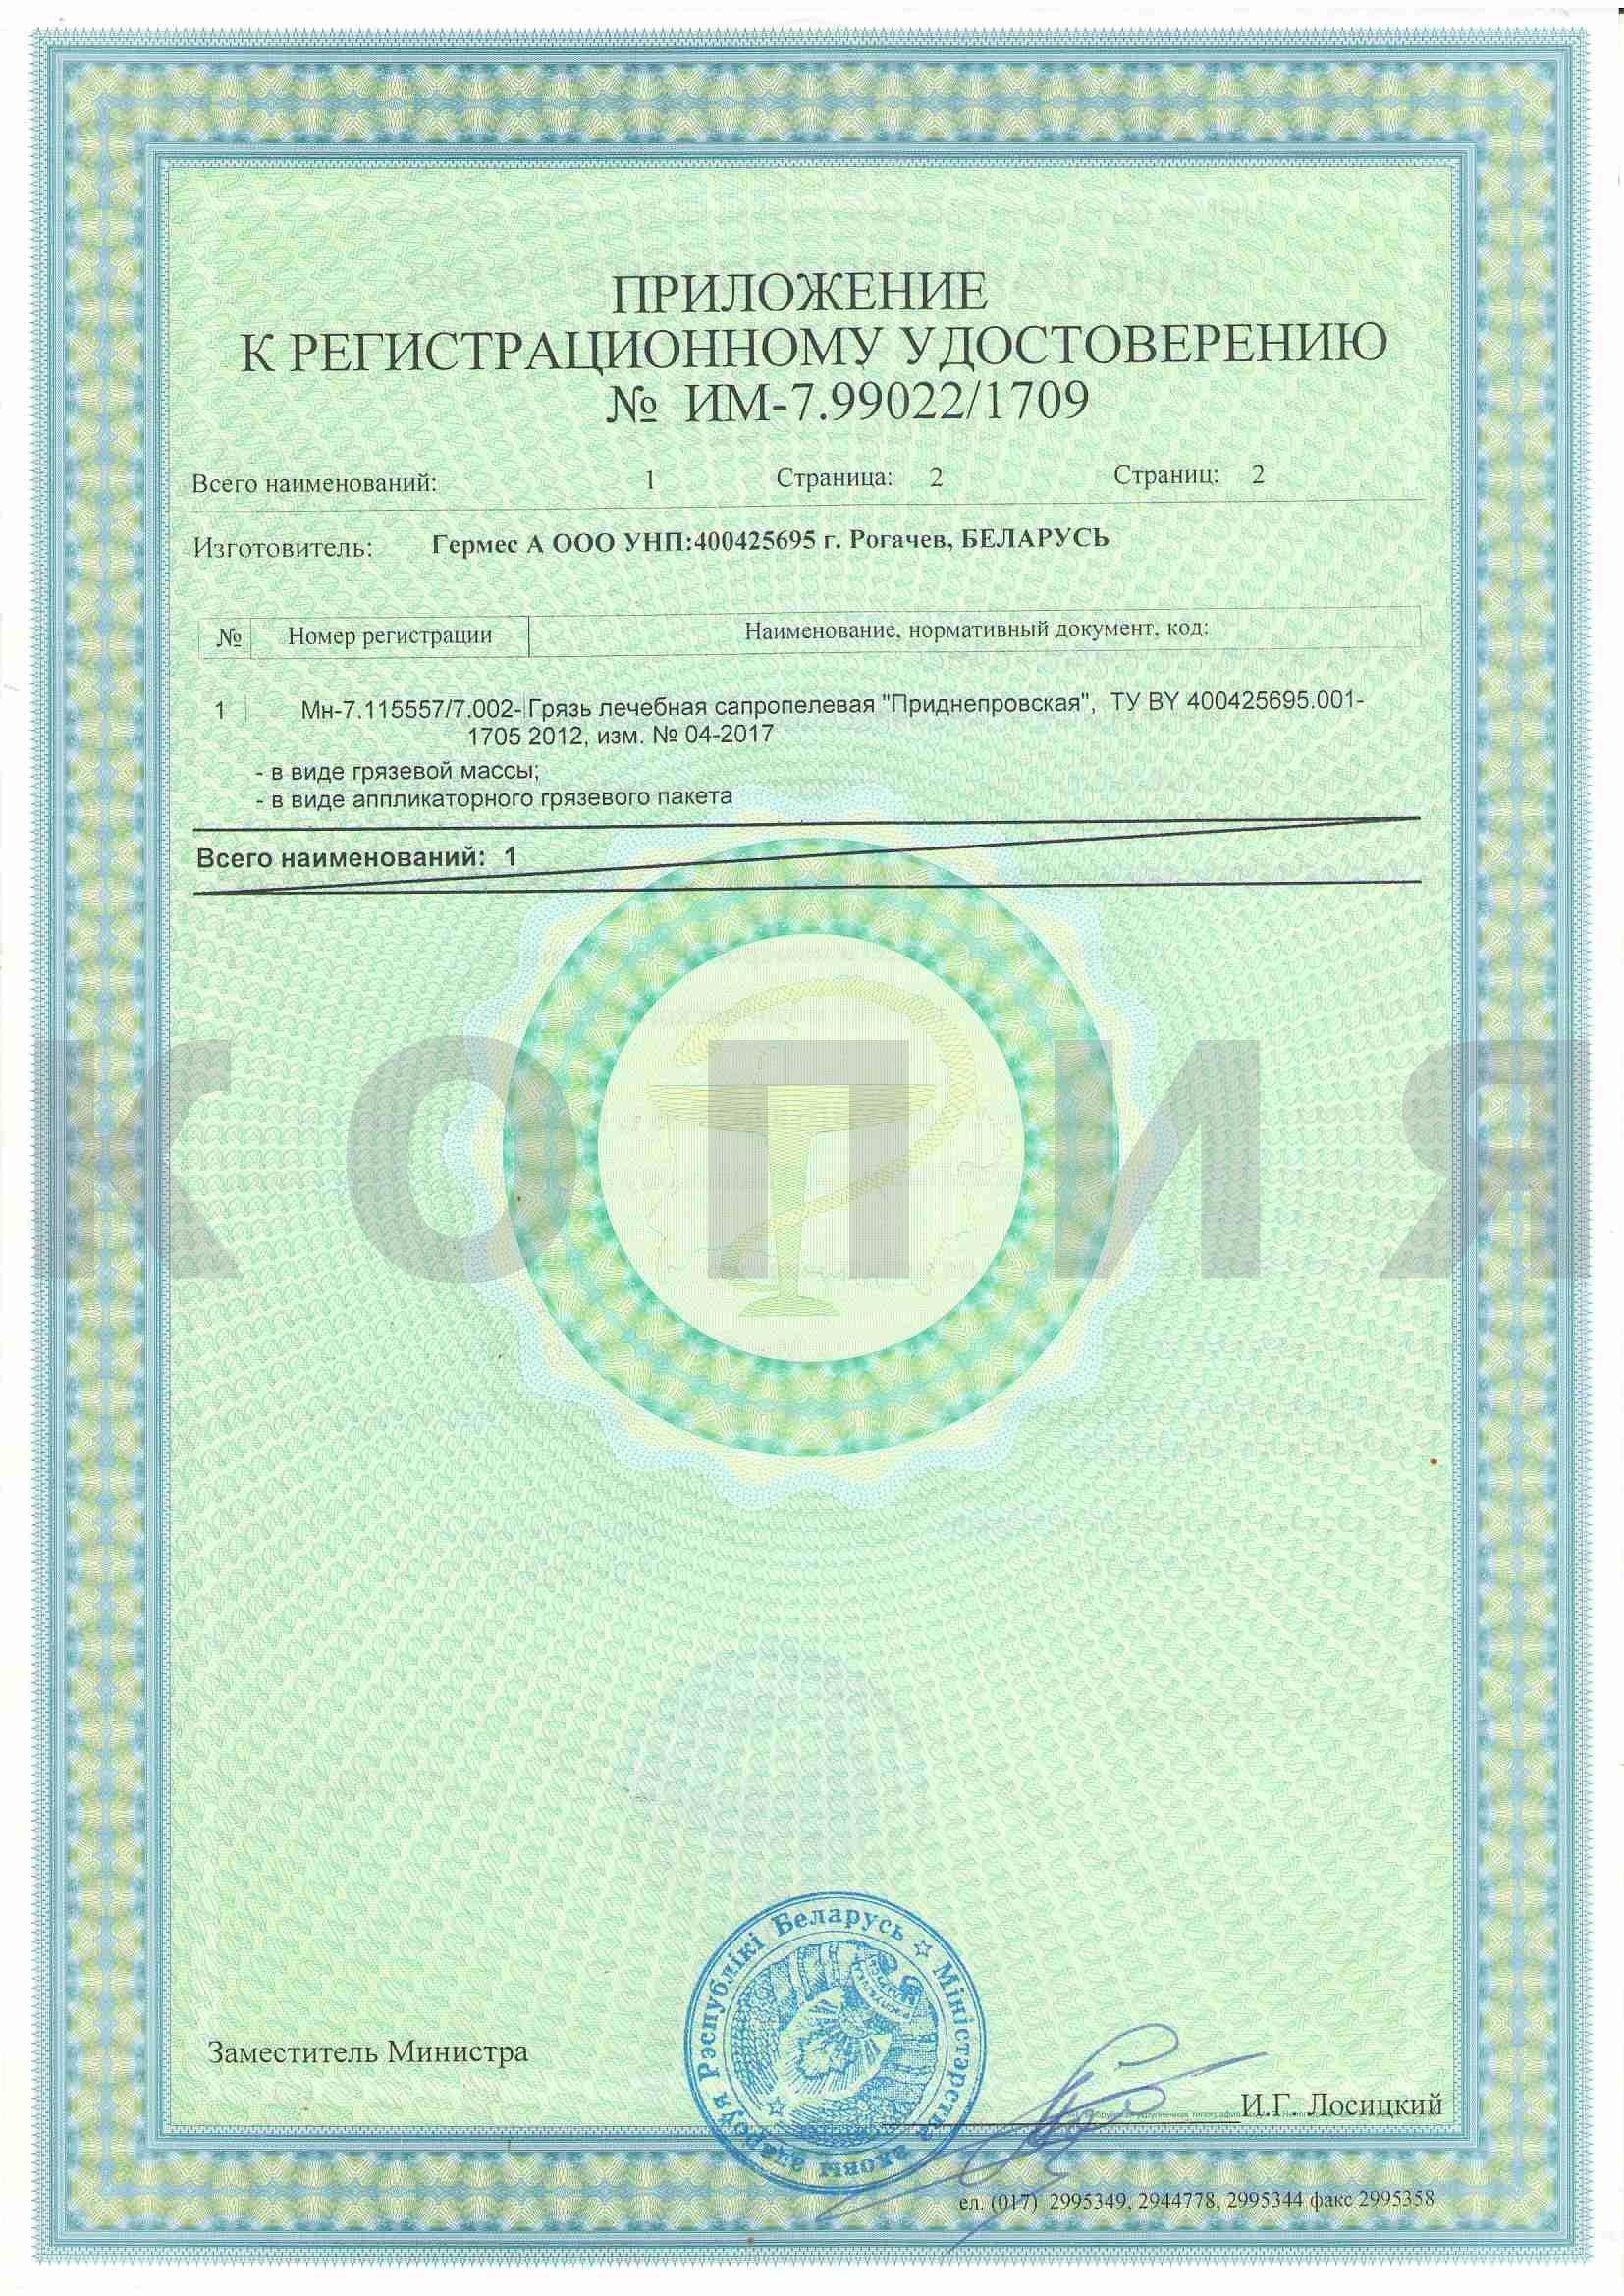 Регистрационное удостоверение на грязь лечебную сапропелевую Приднепровская Лист 2